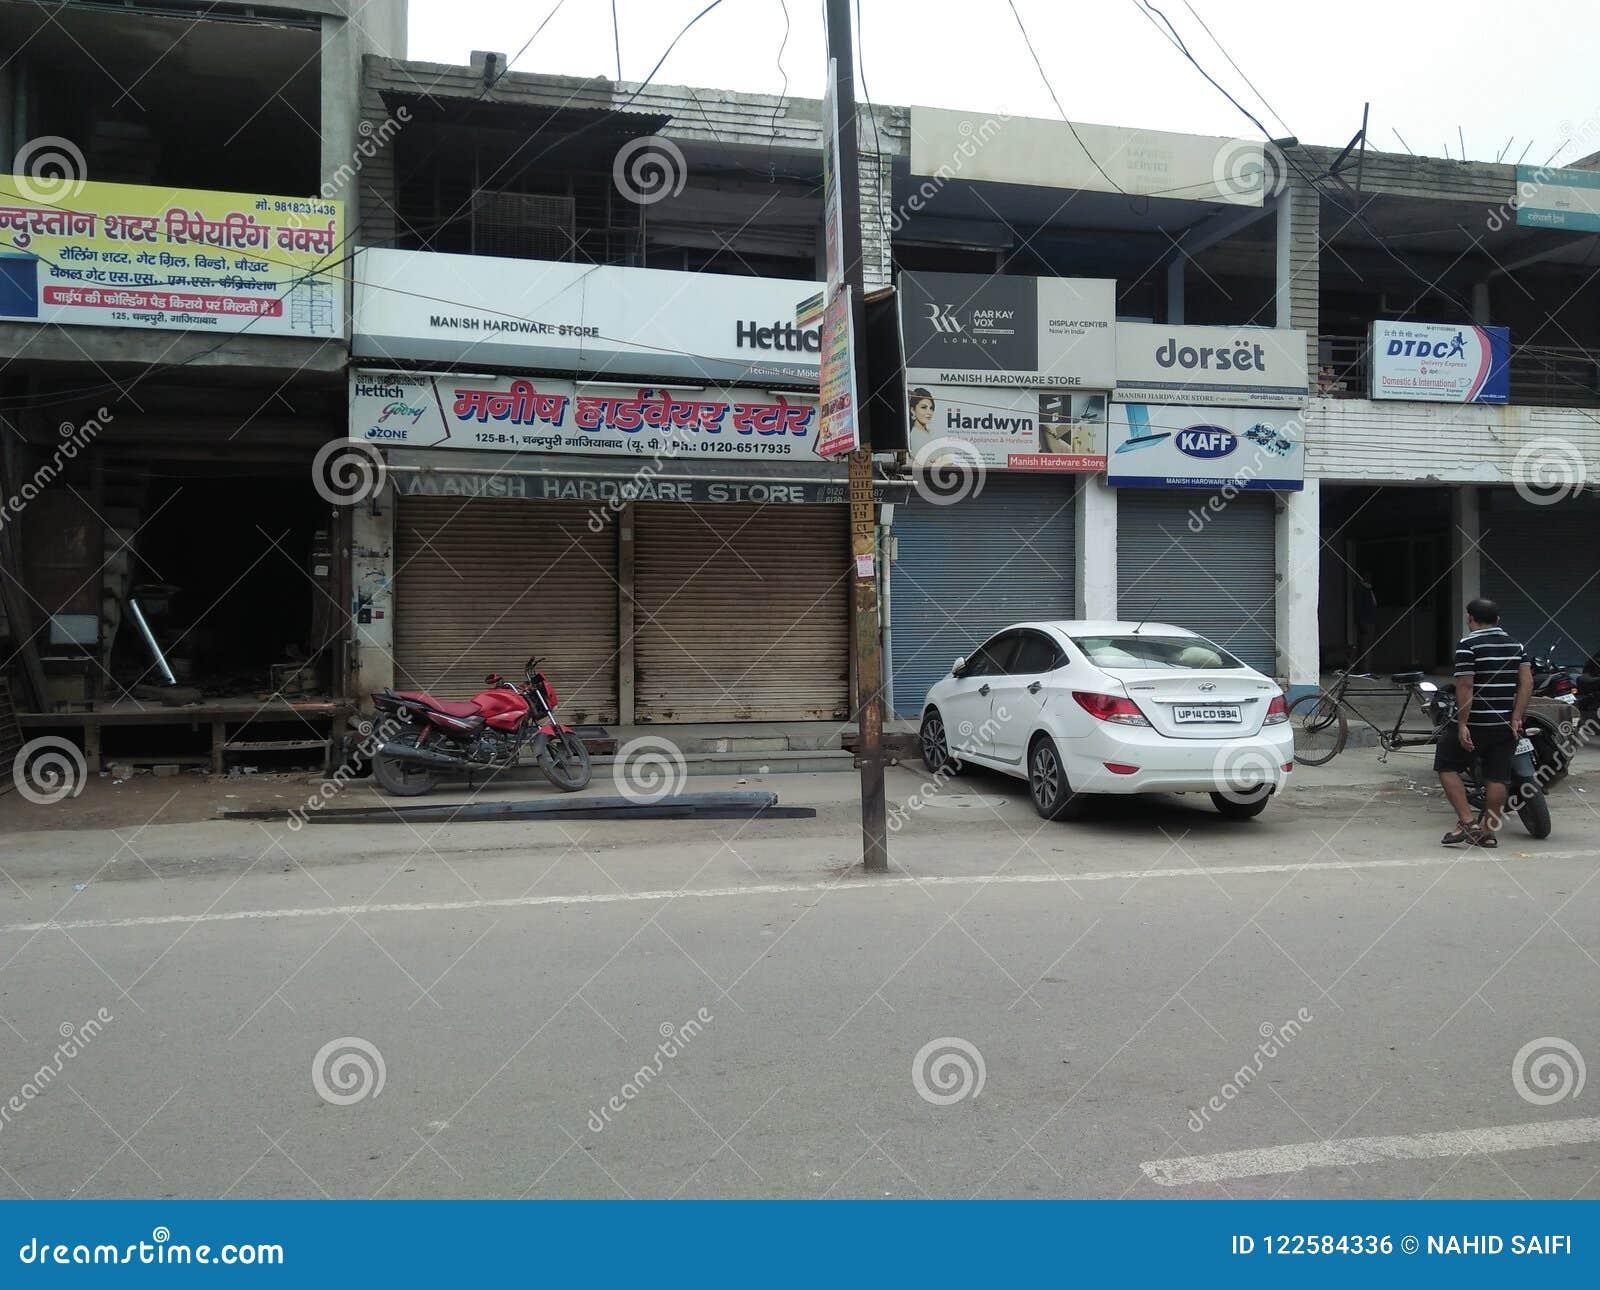 Manish hardware store